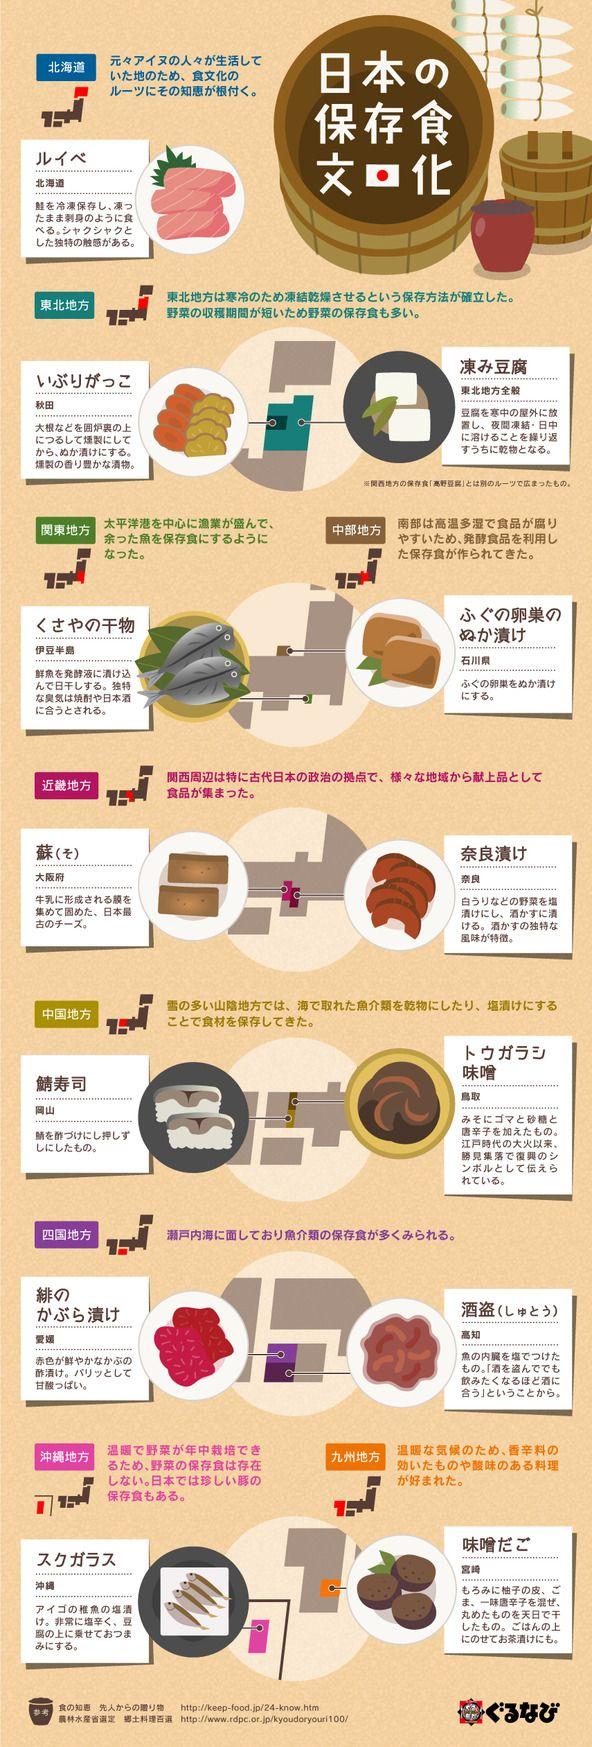 日本の和食を支えた立役者!全国の保存食をまとめたインフォグラフィック   みんなのごはん